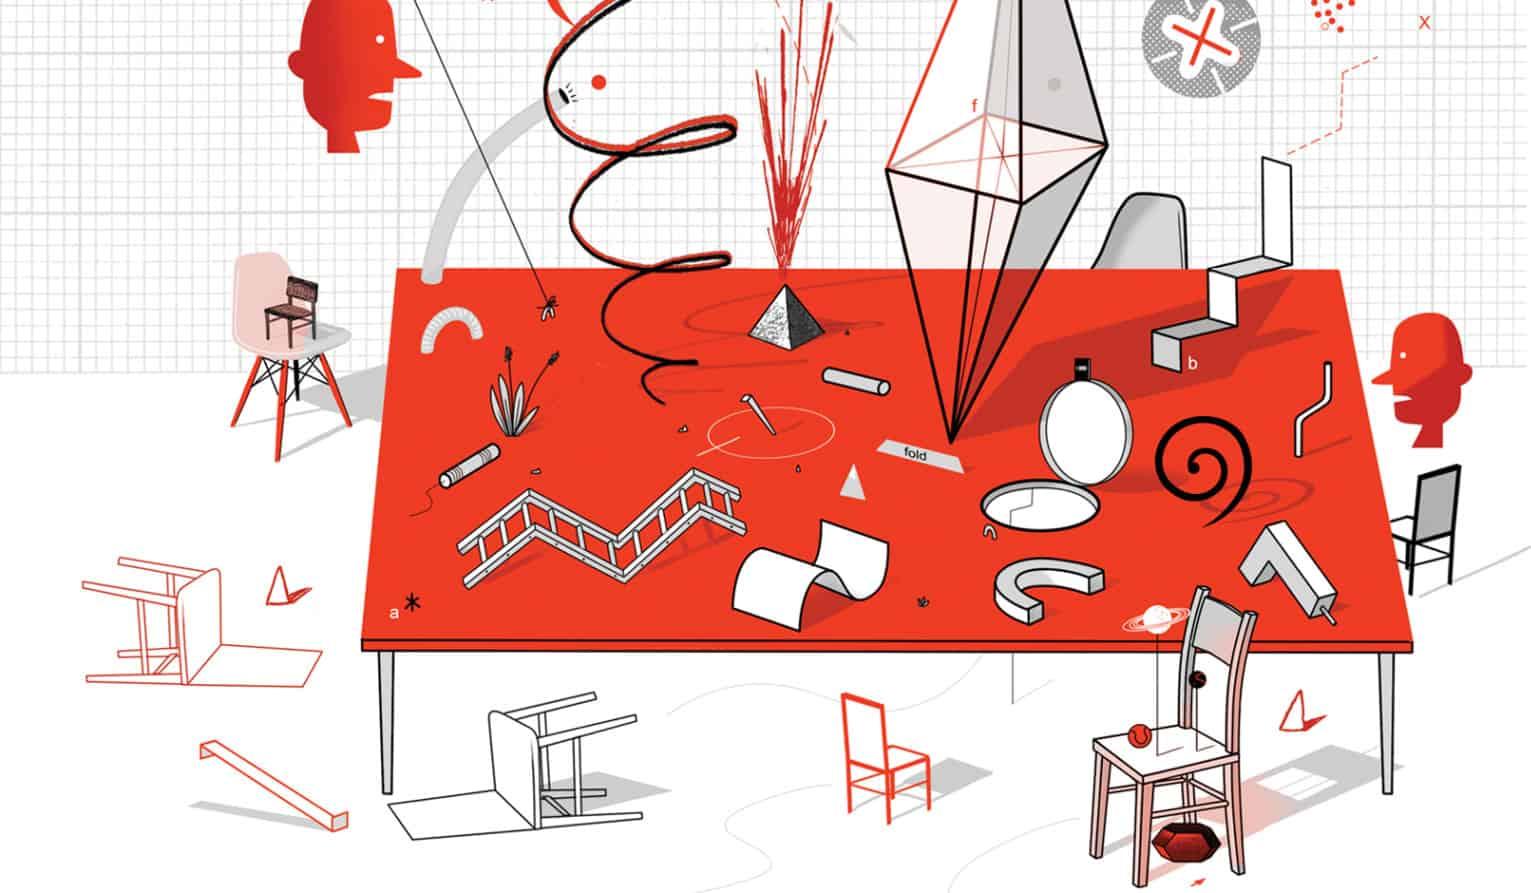 هارفارد-بزنس-ريفيو-النقد-والابتكار